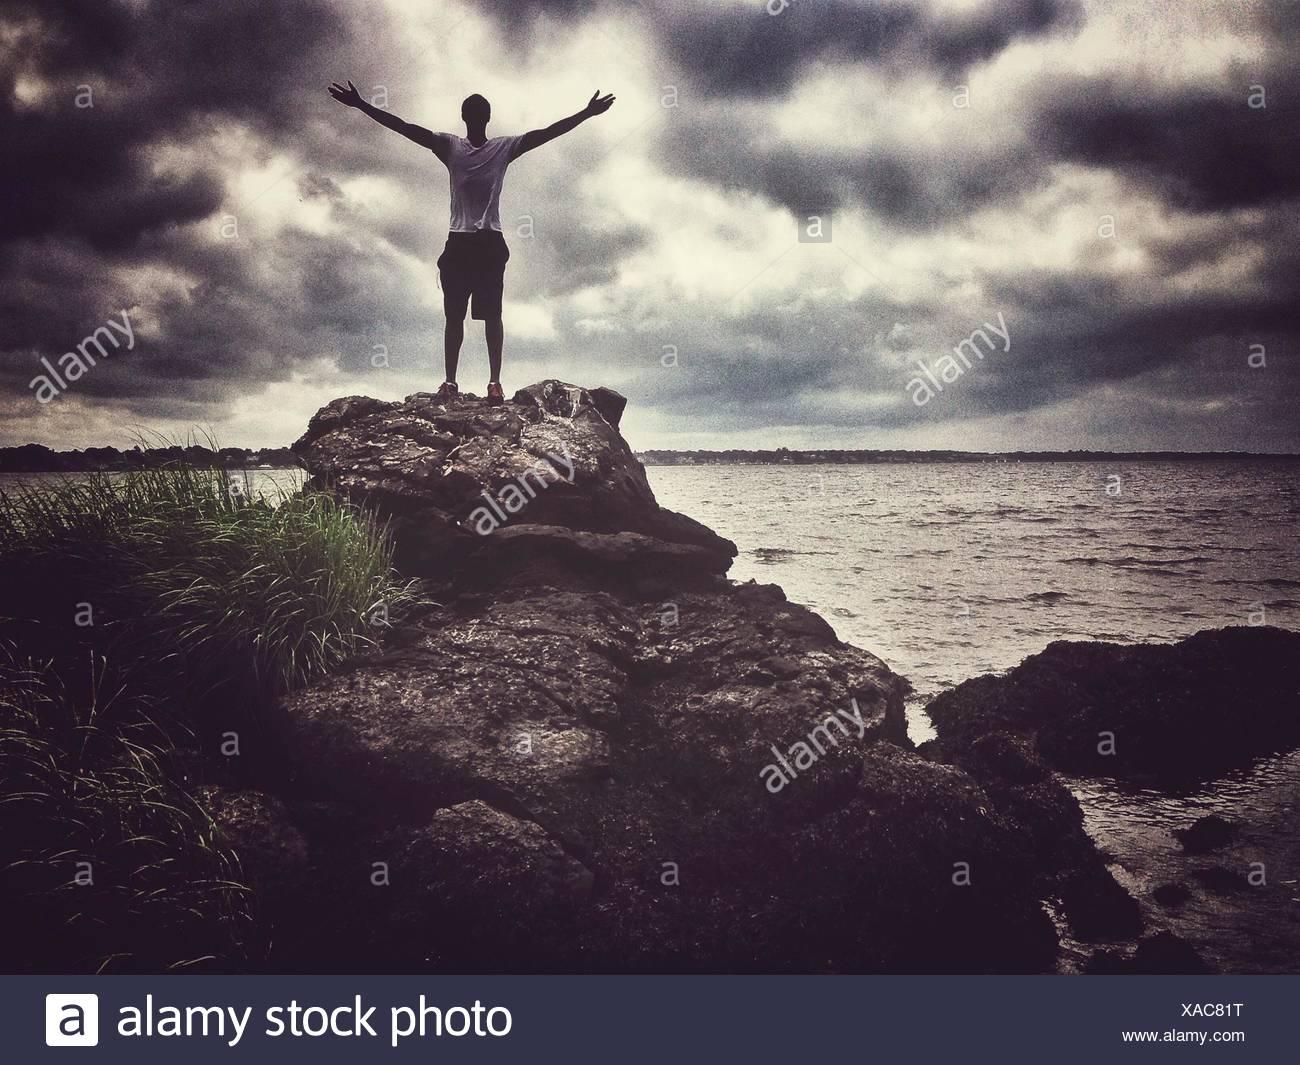 Mann mit Arme ausgestreckt auf Felsen gegen Wolken Himmel Stockfoto